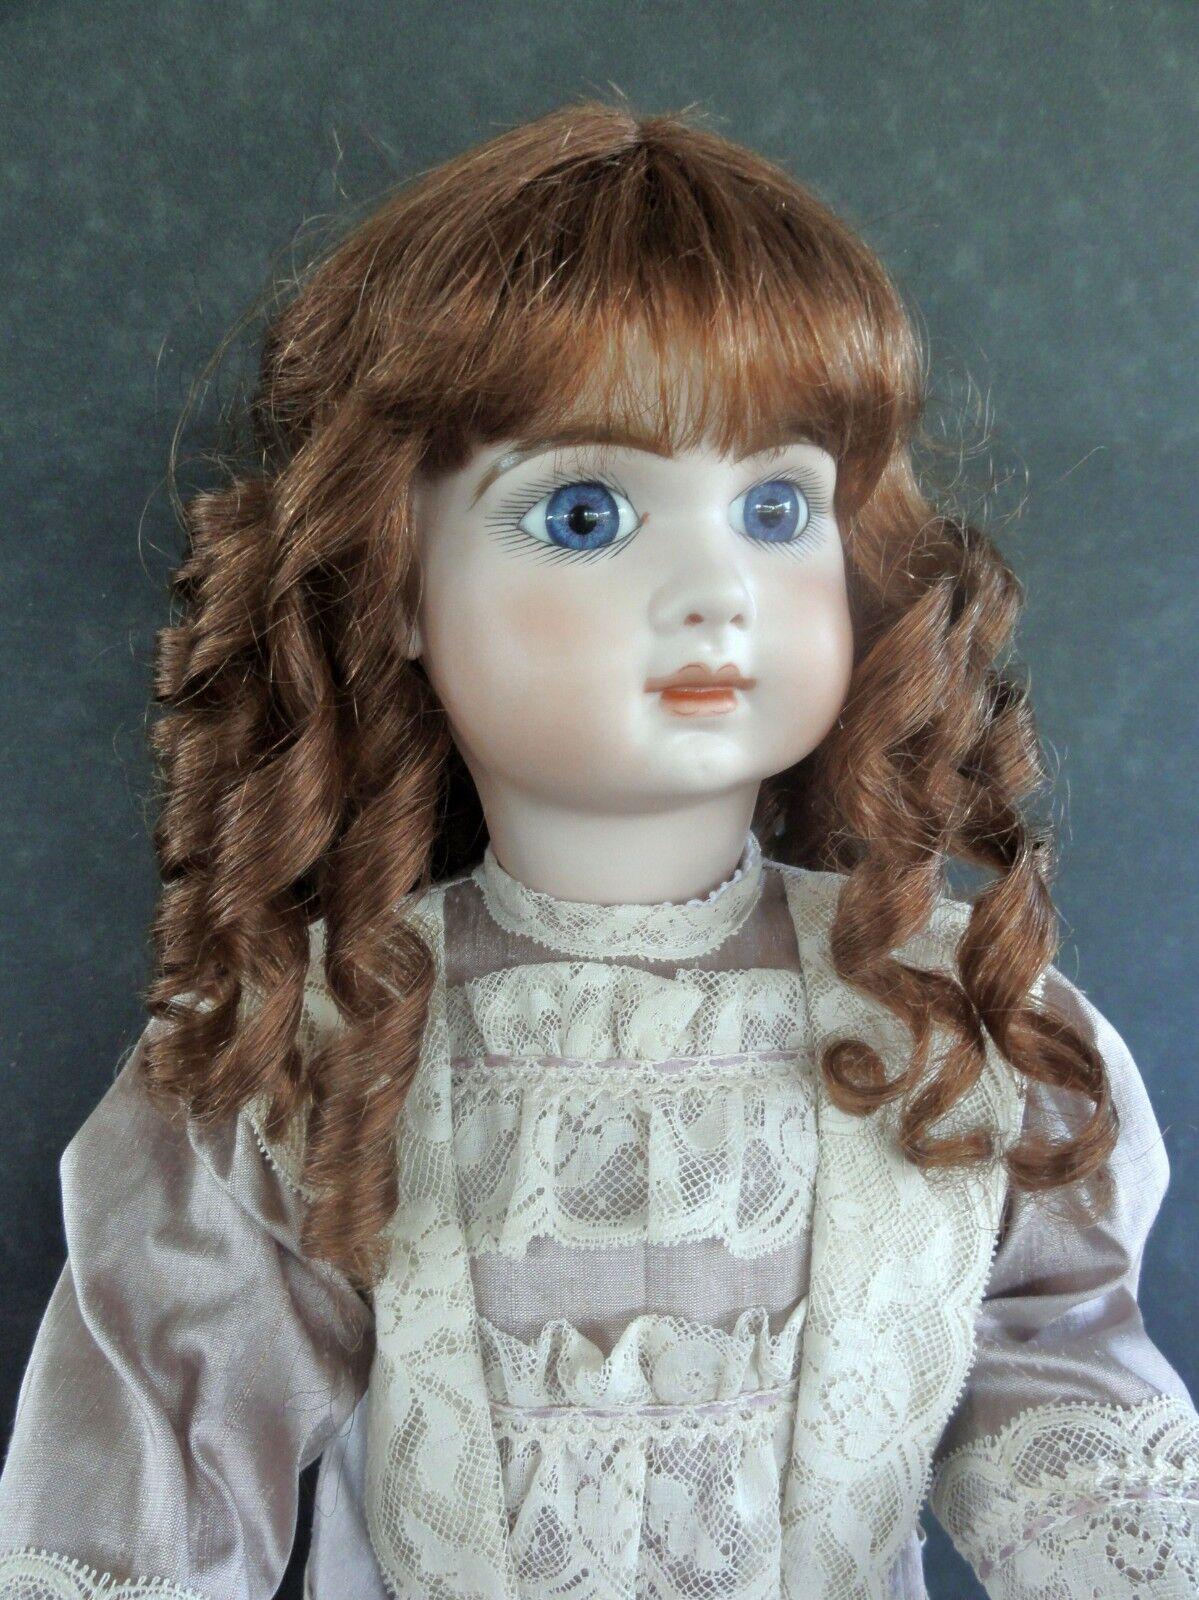 100% Huuomo Hair bambola WIG  19.5   (49.5 cm). lungo curly hair - G. BRAVOT - FRANCE  marchi di moda